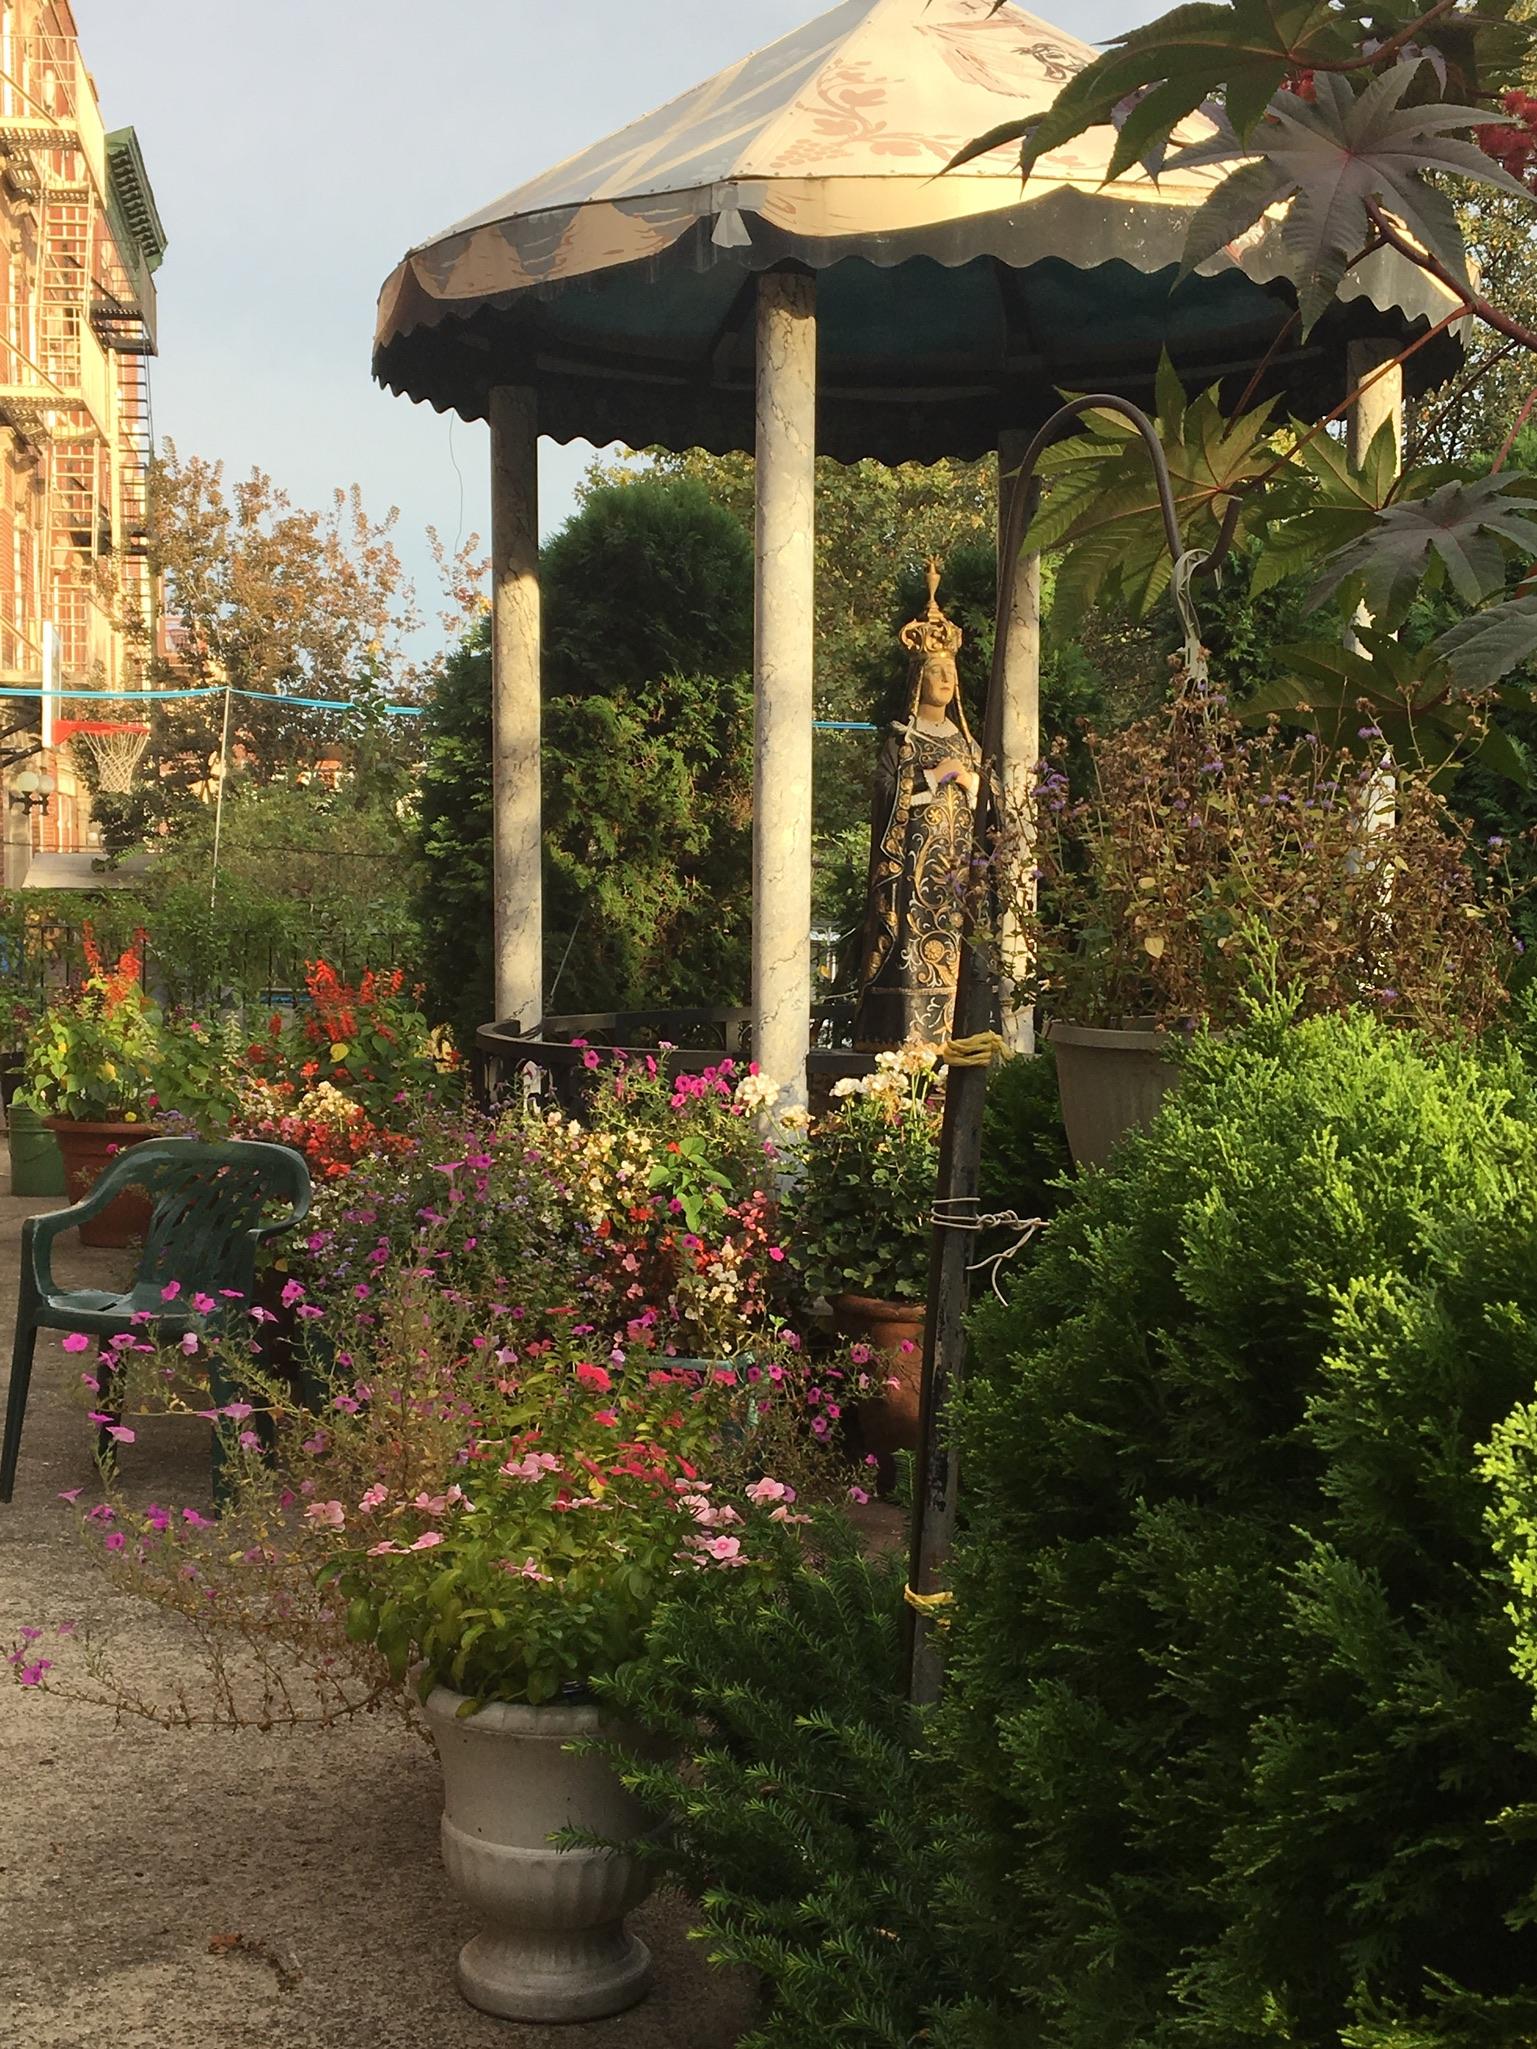 A garden with the Virgin